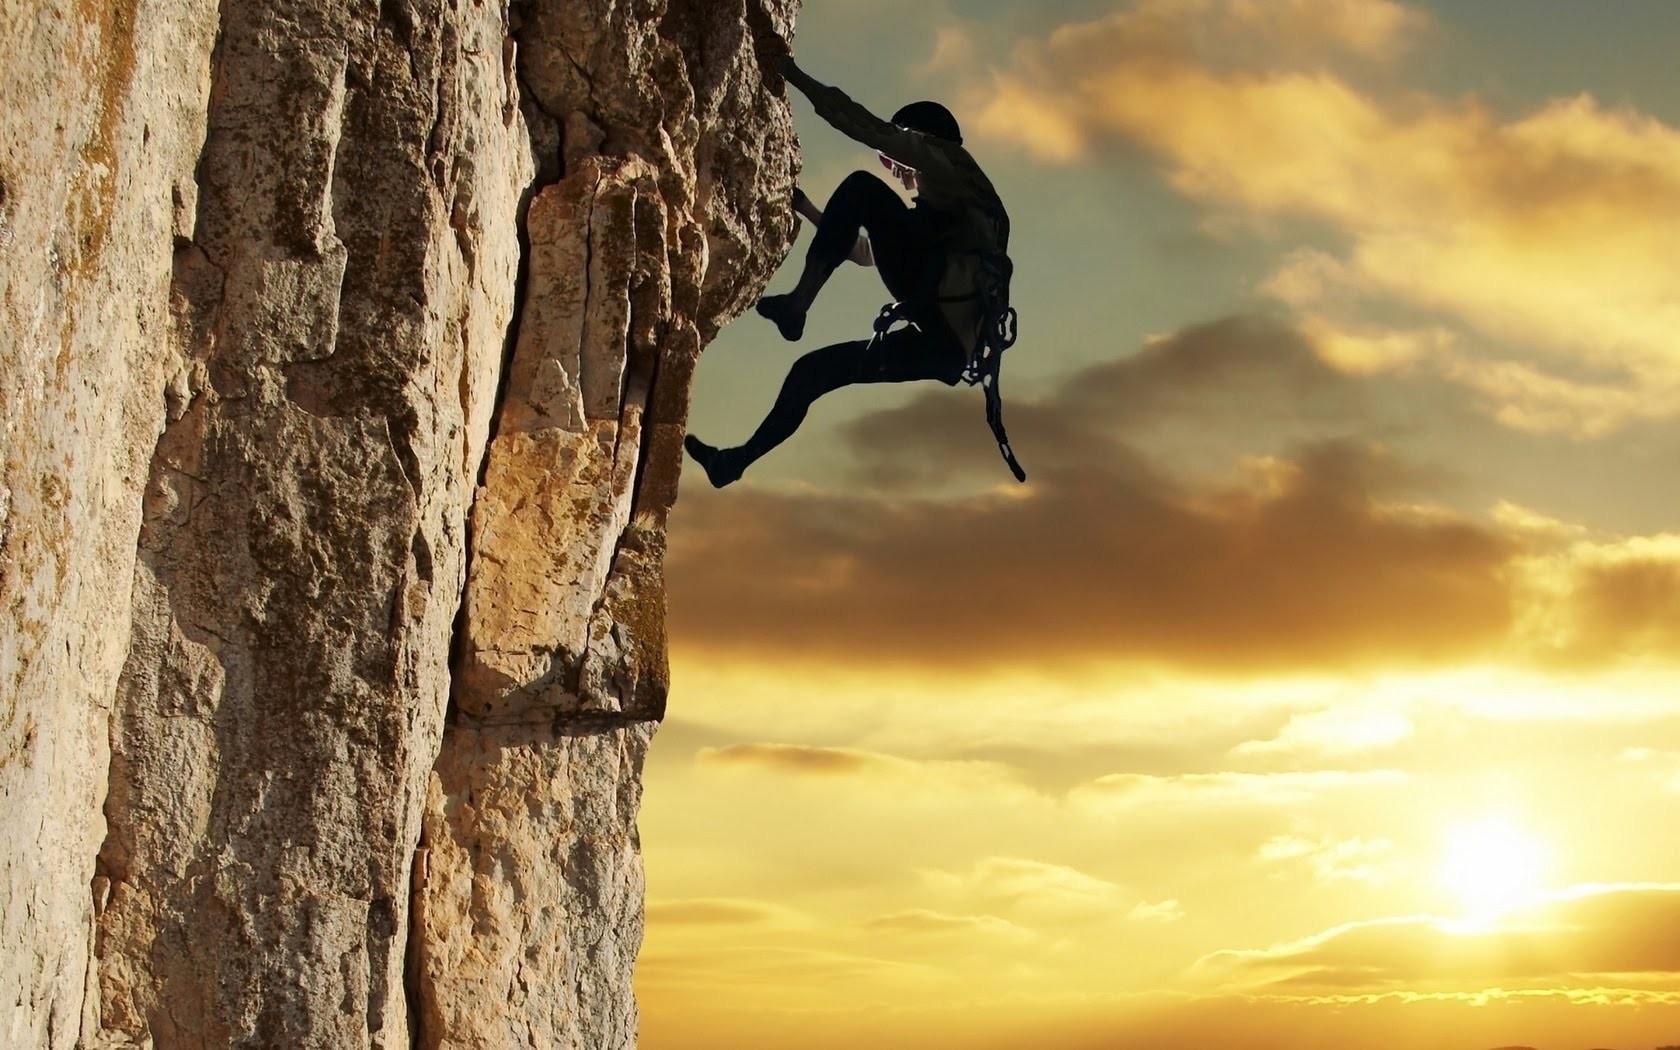 НаЭльбрусе обнаружили шестерых погибших альпинистов